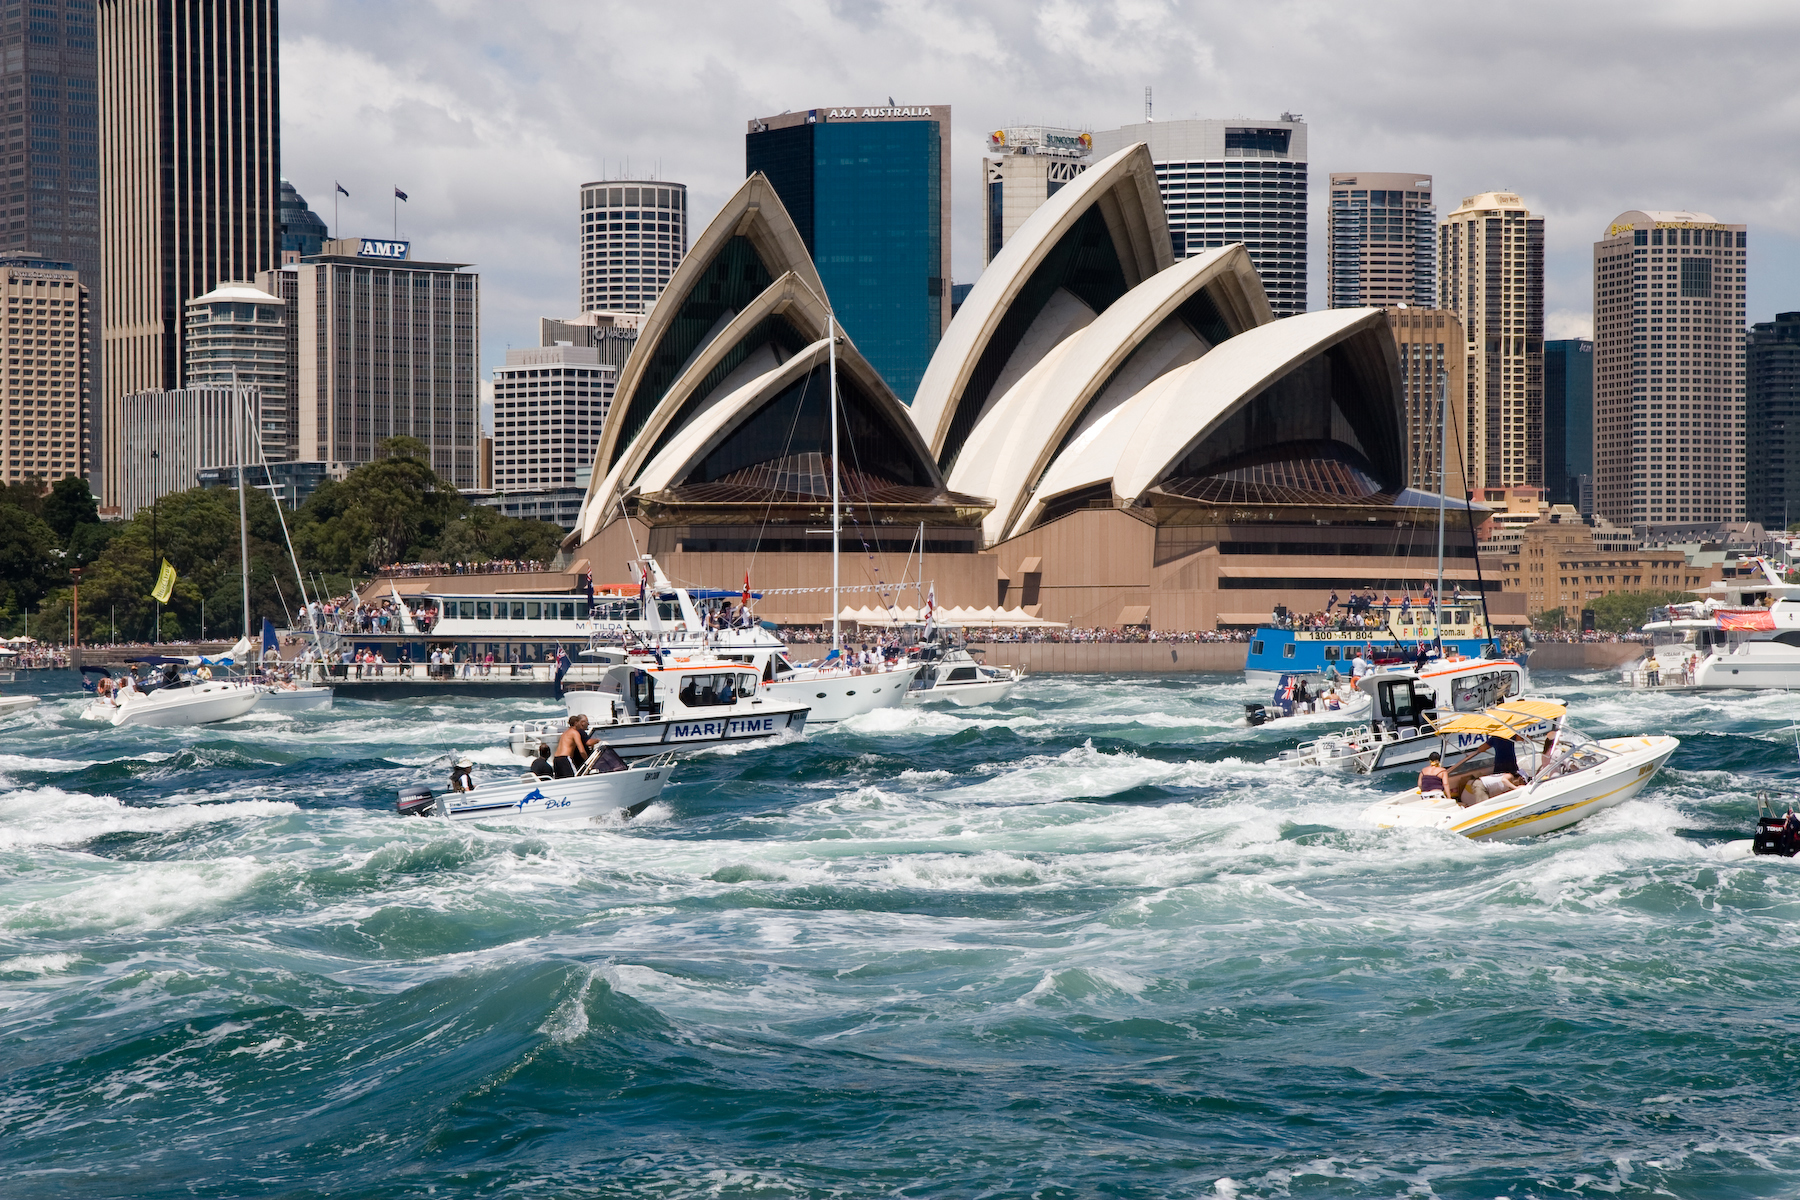 Australia Day Free Events 2015 - Sydney - Sydney